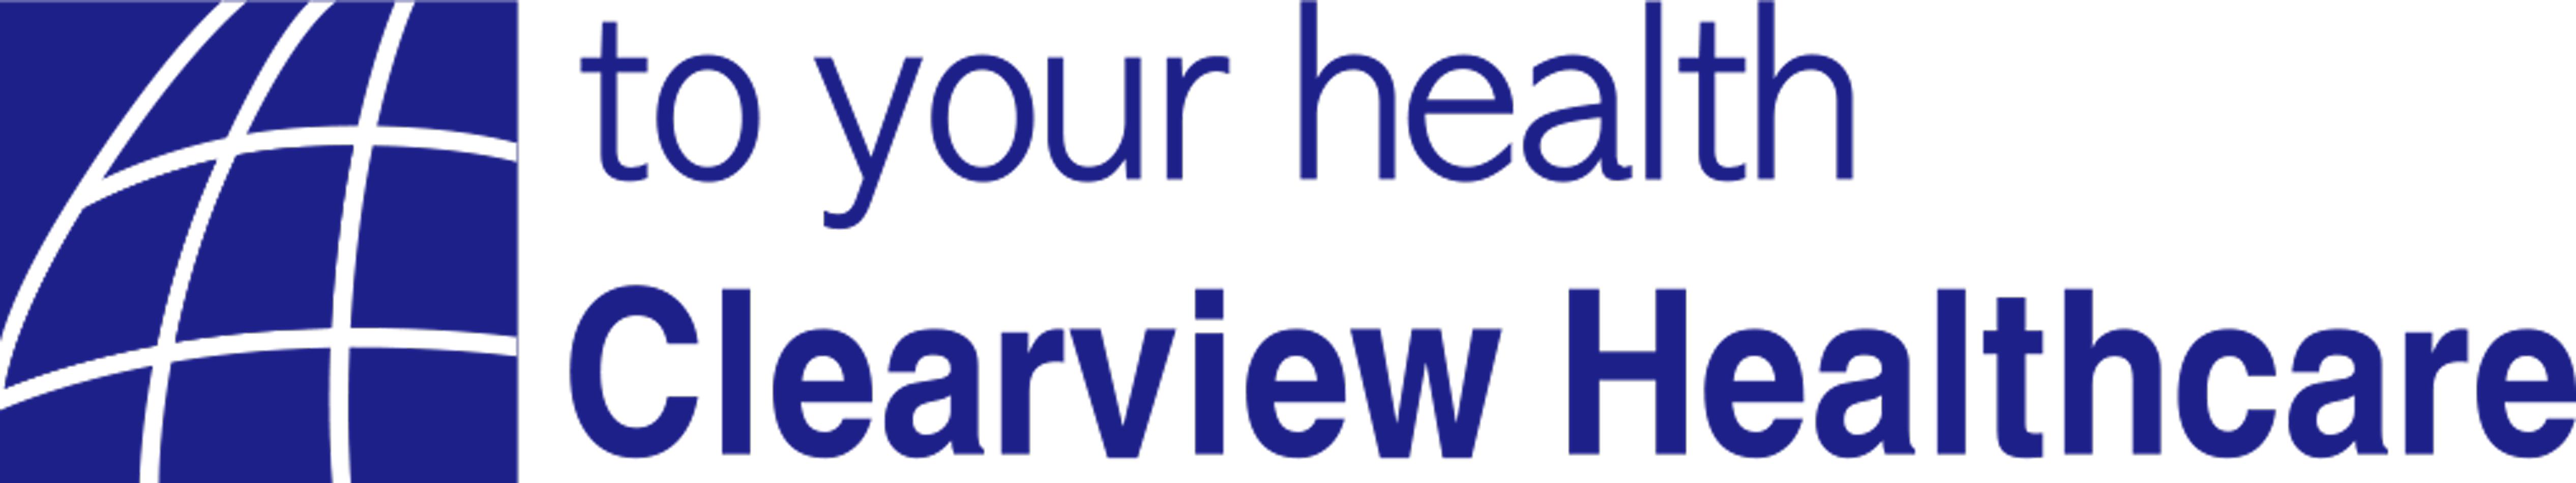 青岛科利尔维医疗科技有限公司-2018中国国际福祉博览会暨中国国际康复博览会